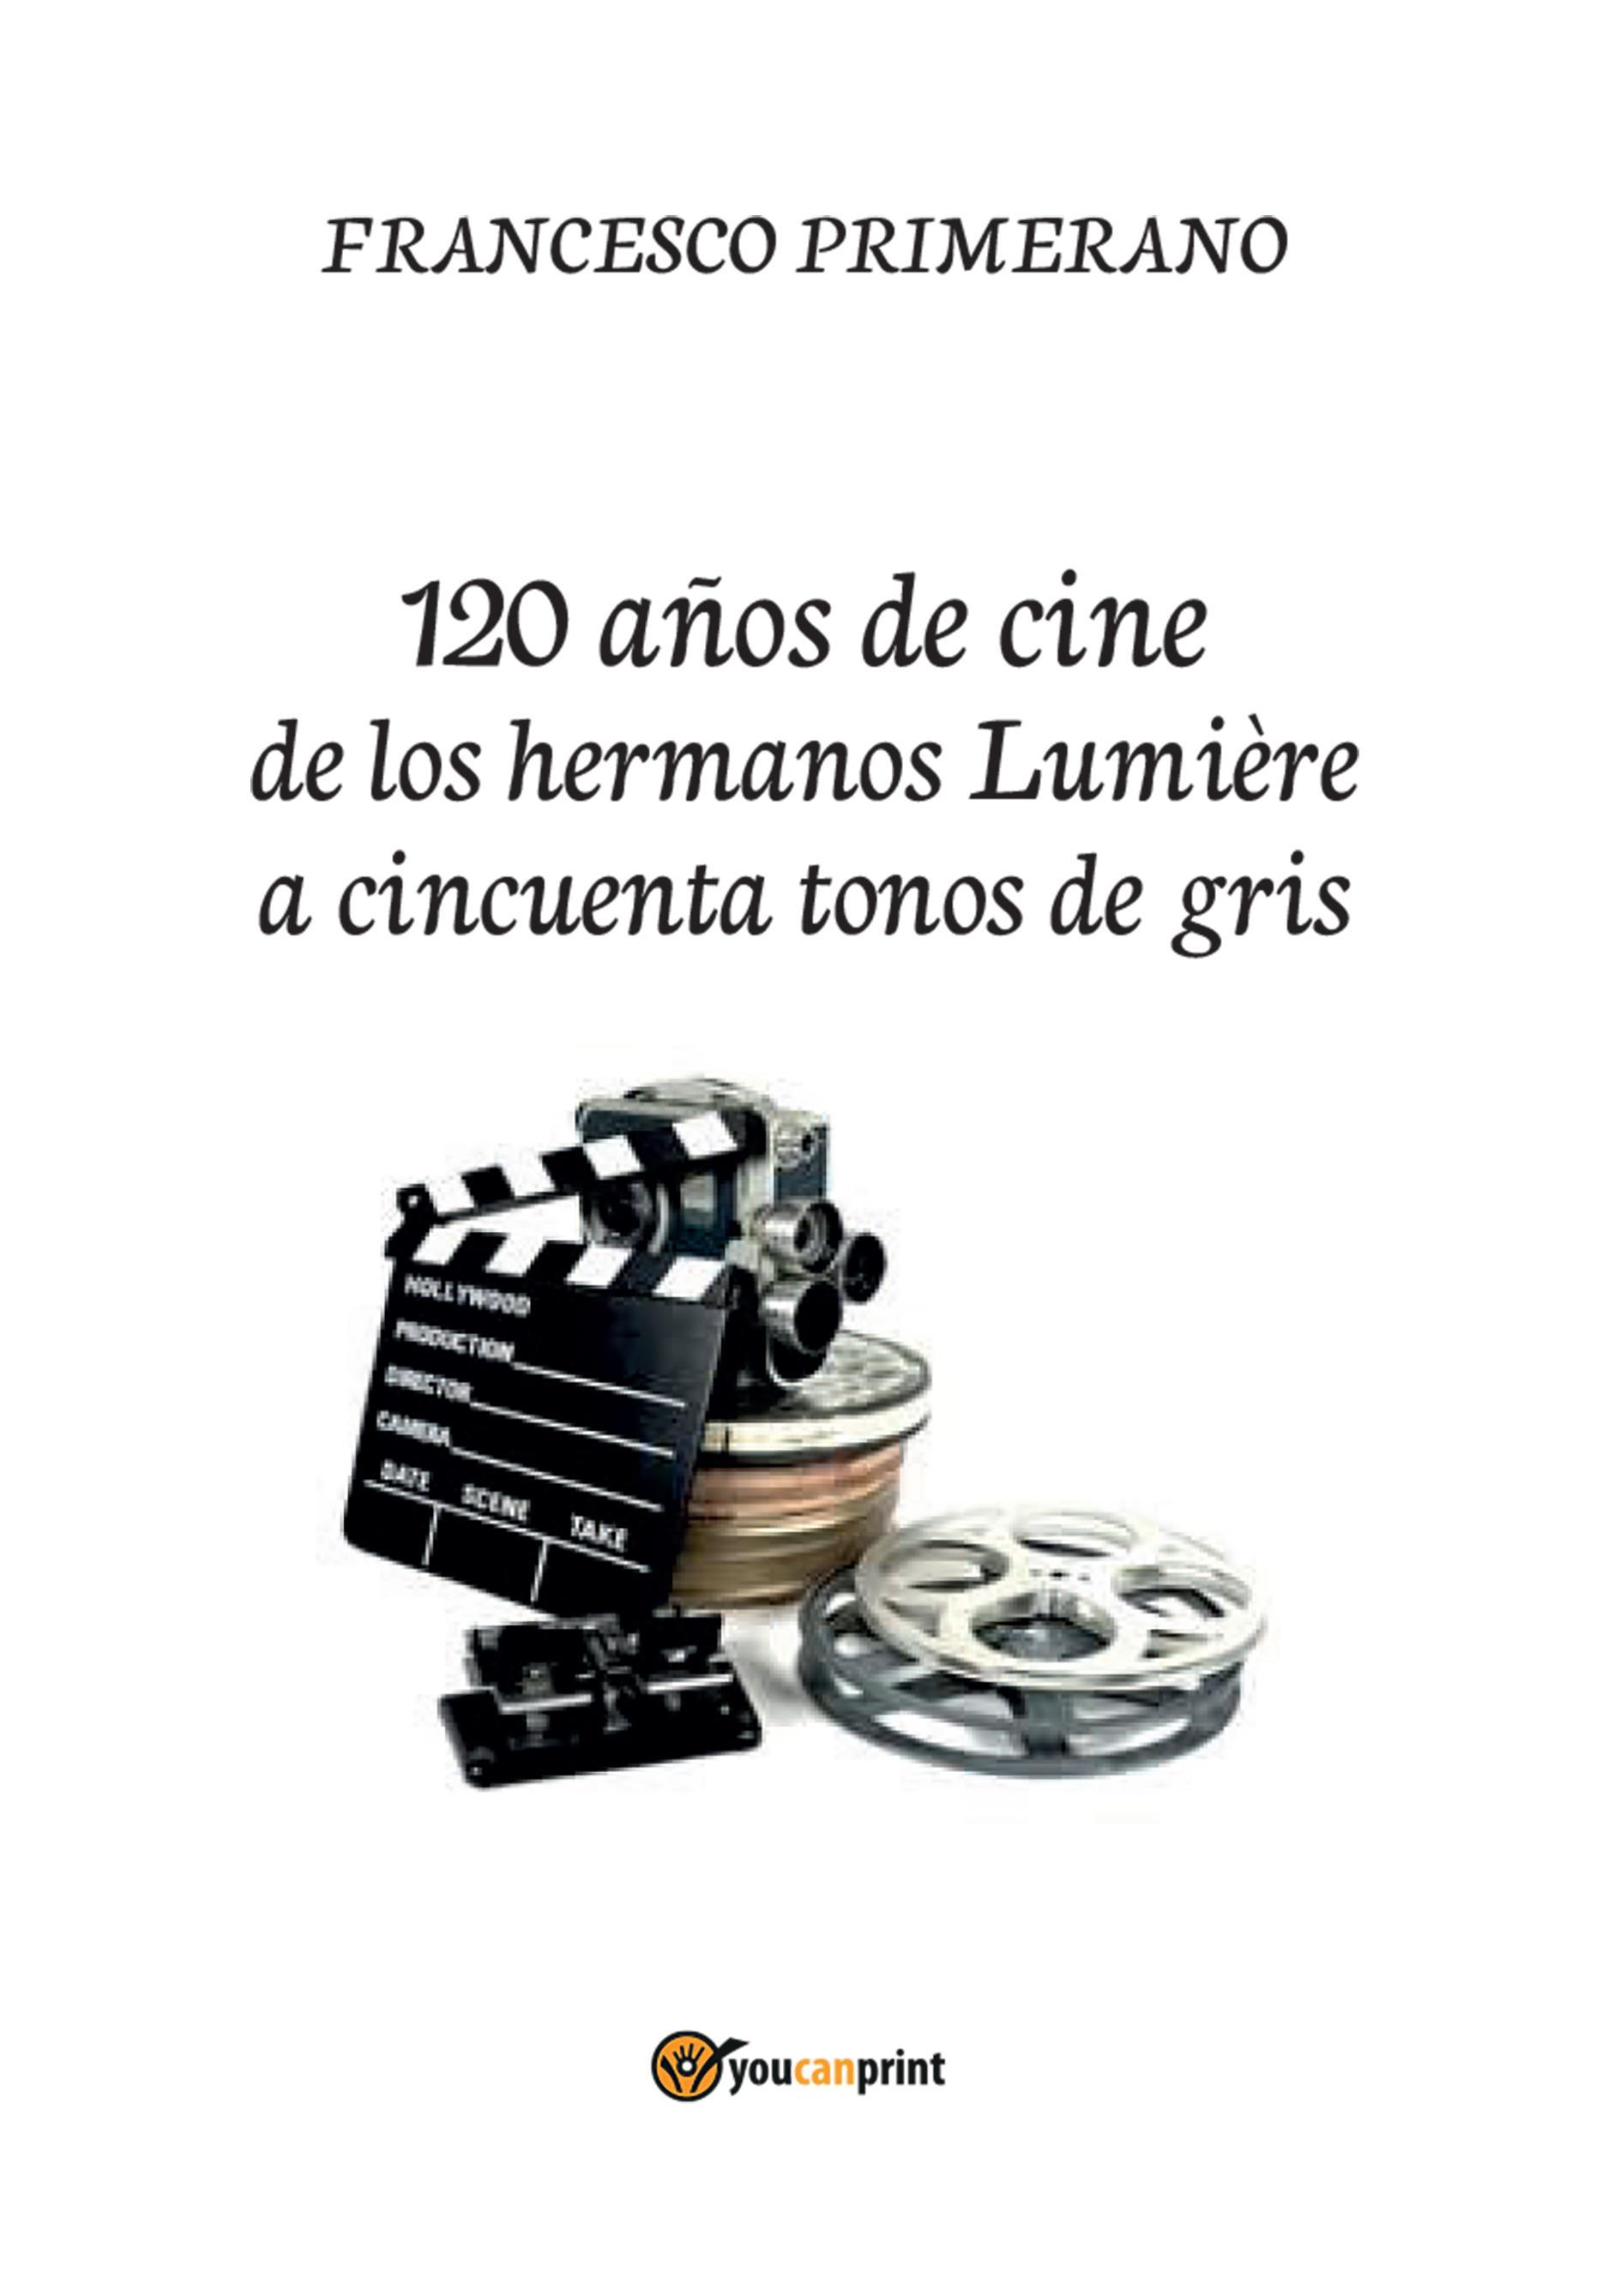 120 años de cine de los hermanos Lumière a cincuenta tonos de gris